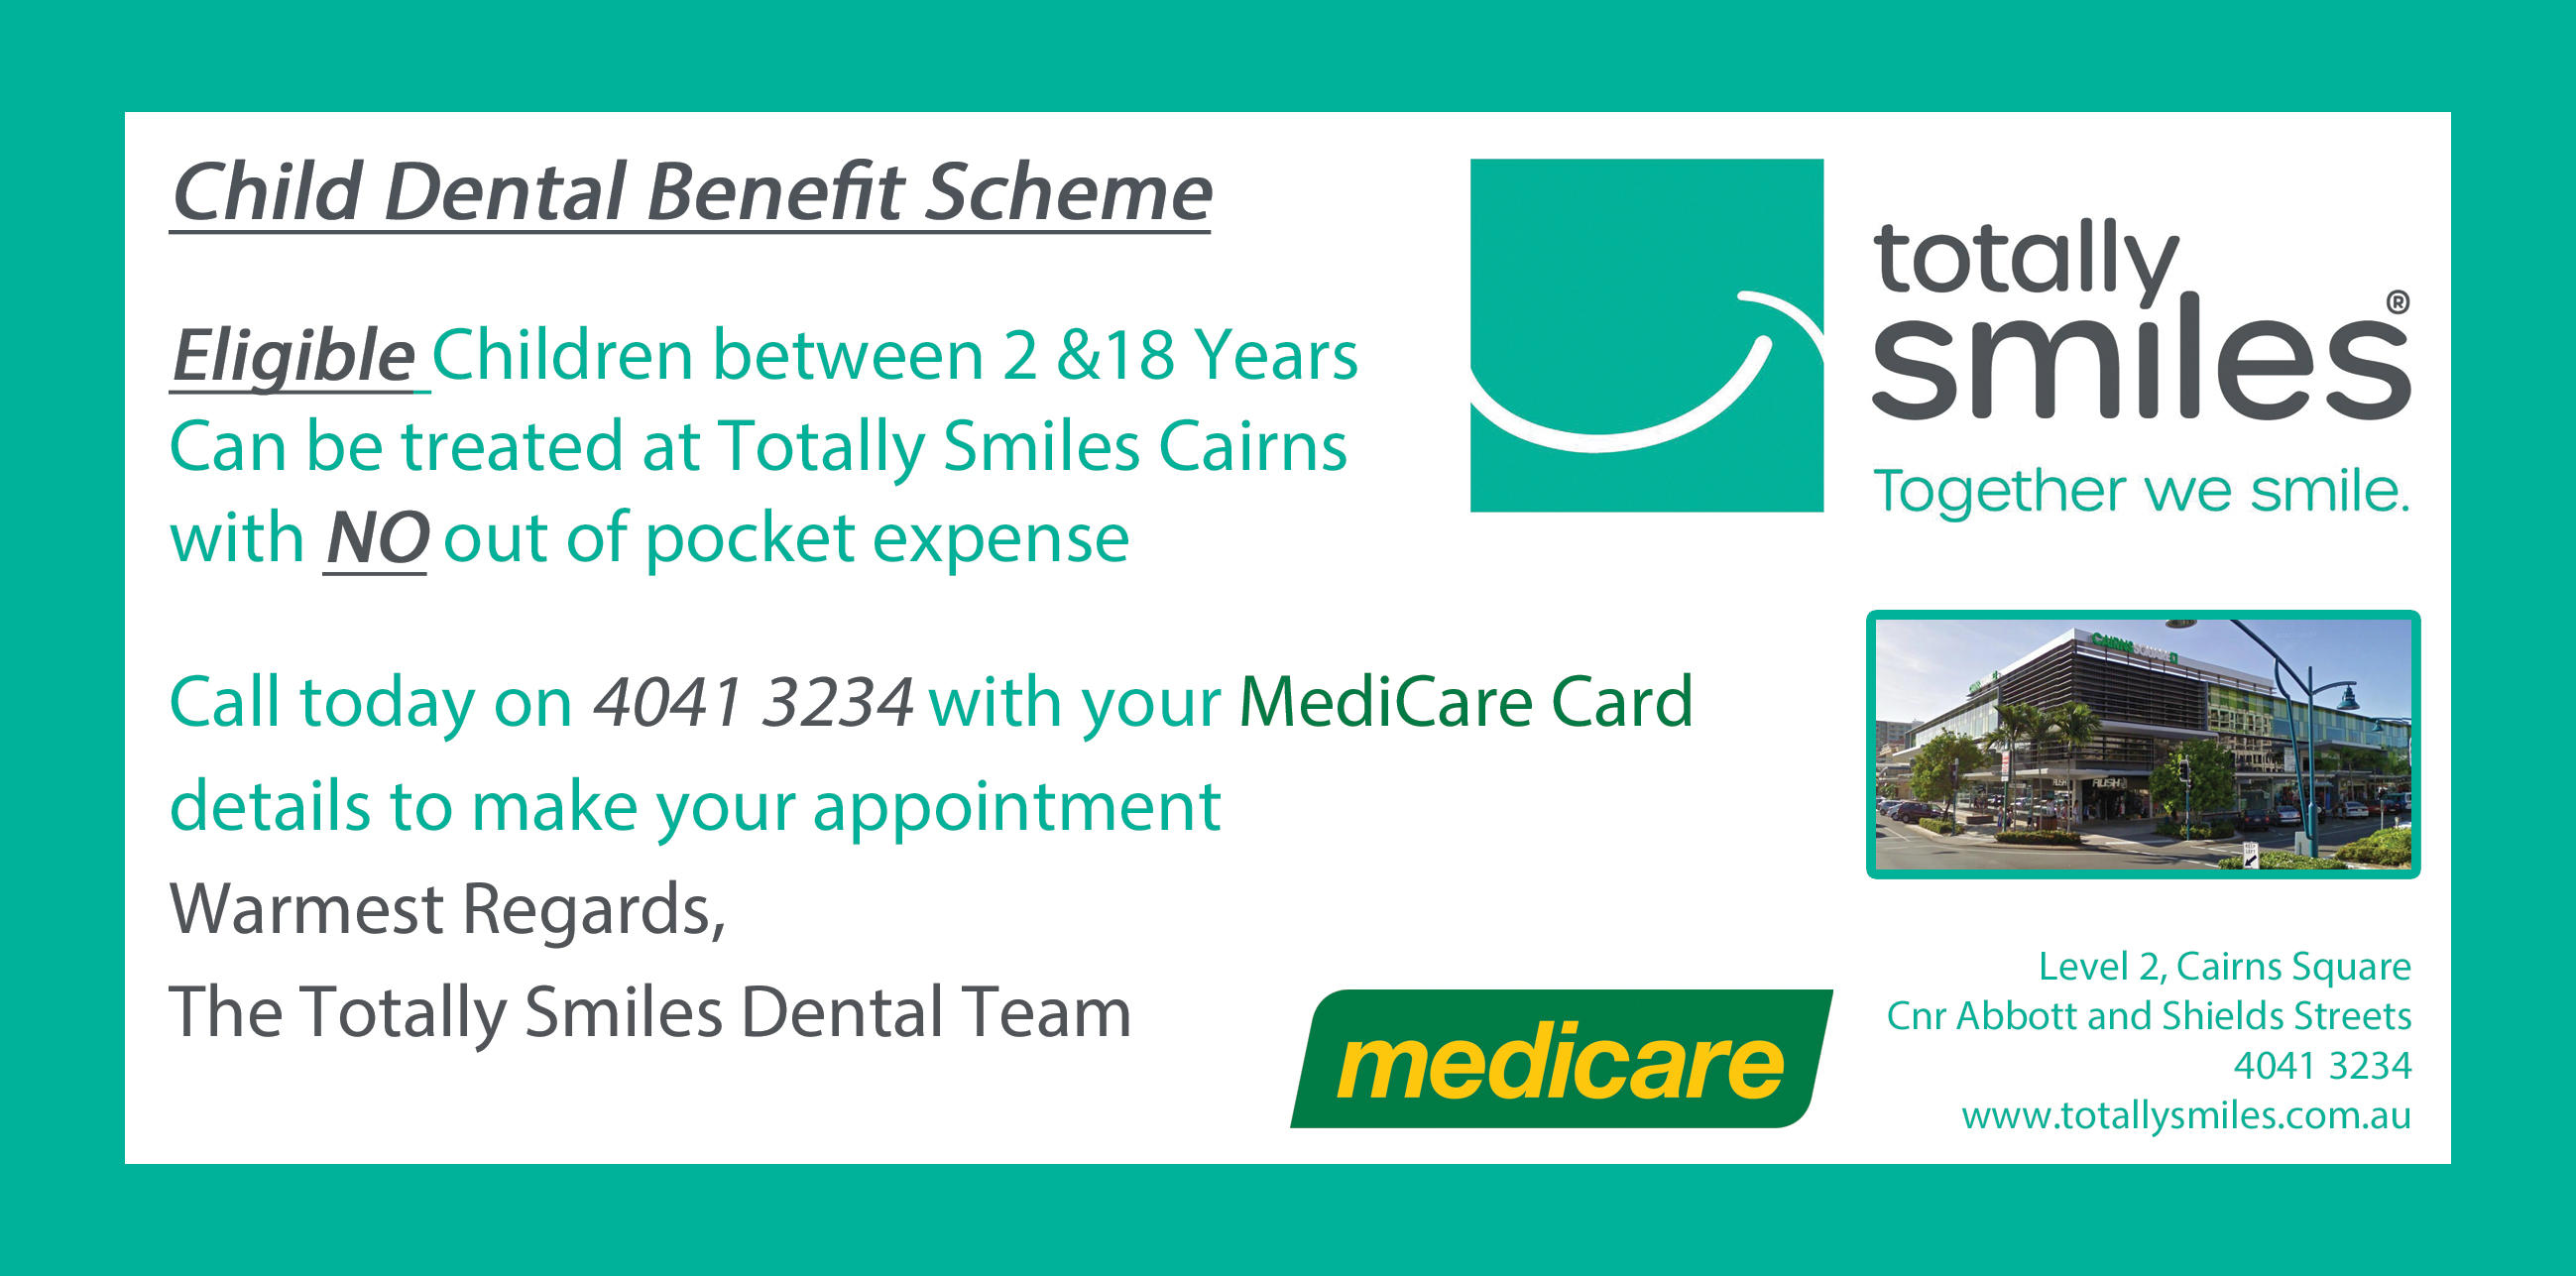 Child Dental Benefits Scheme DL